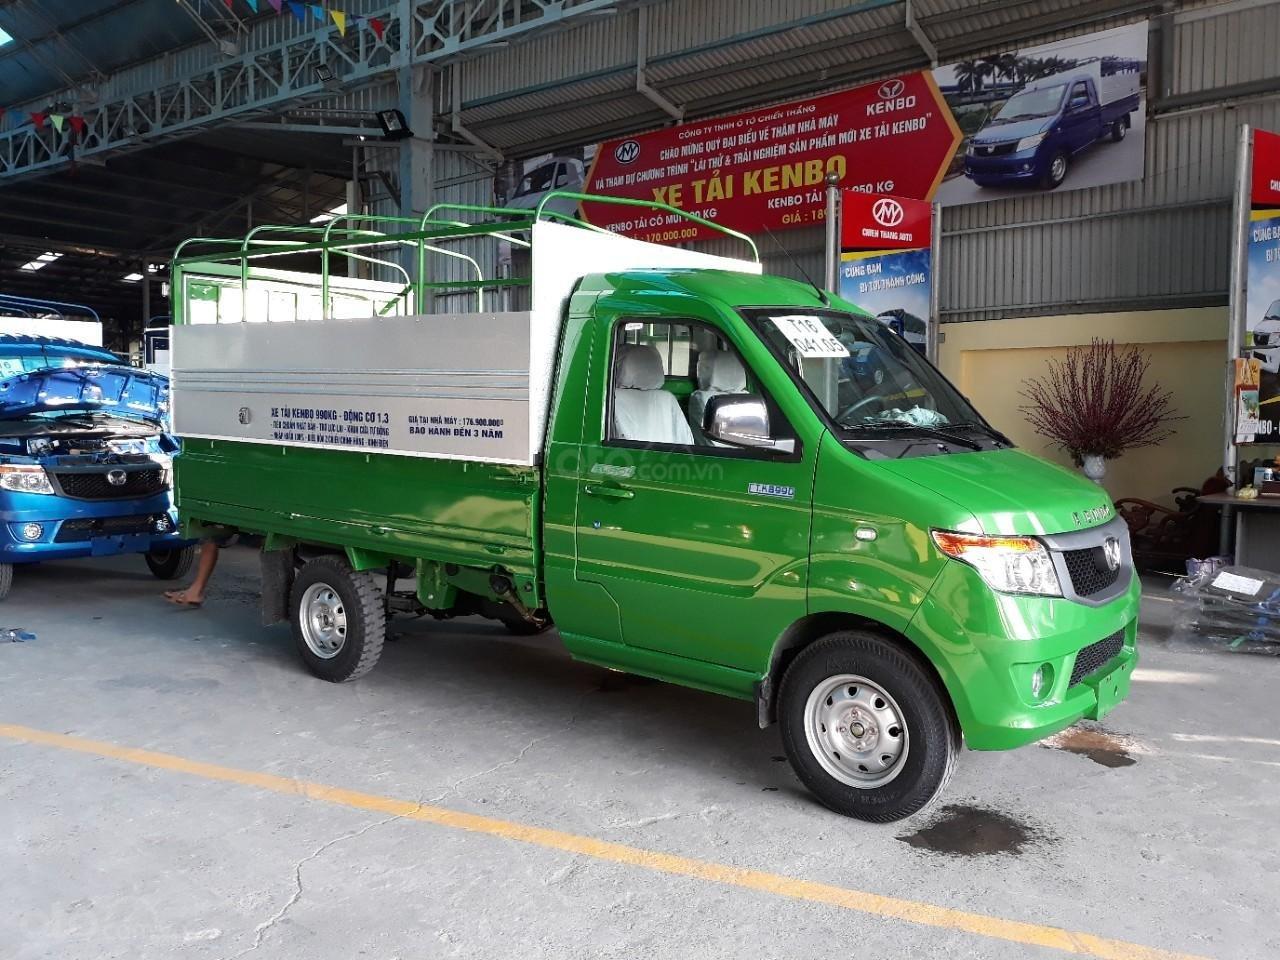 Bán xe tải Kenbo mui bạt tại Thái Bình (6)